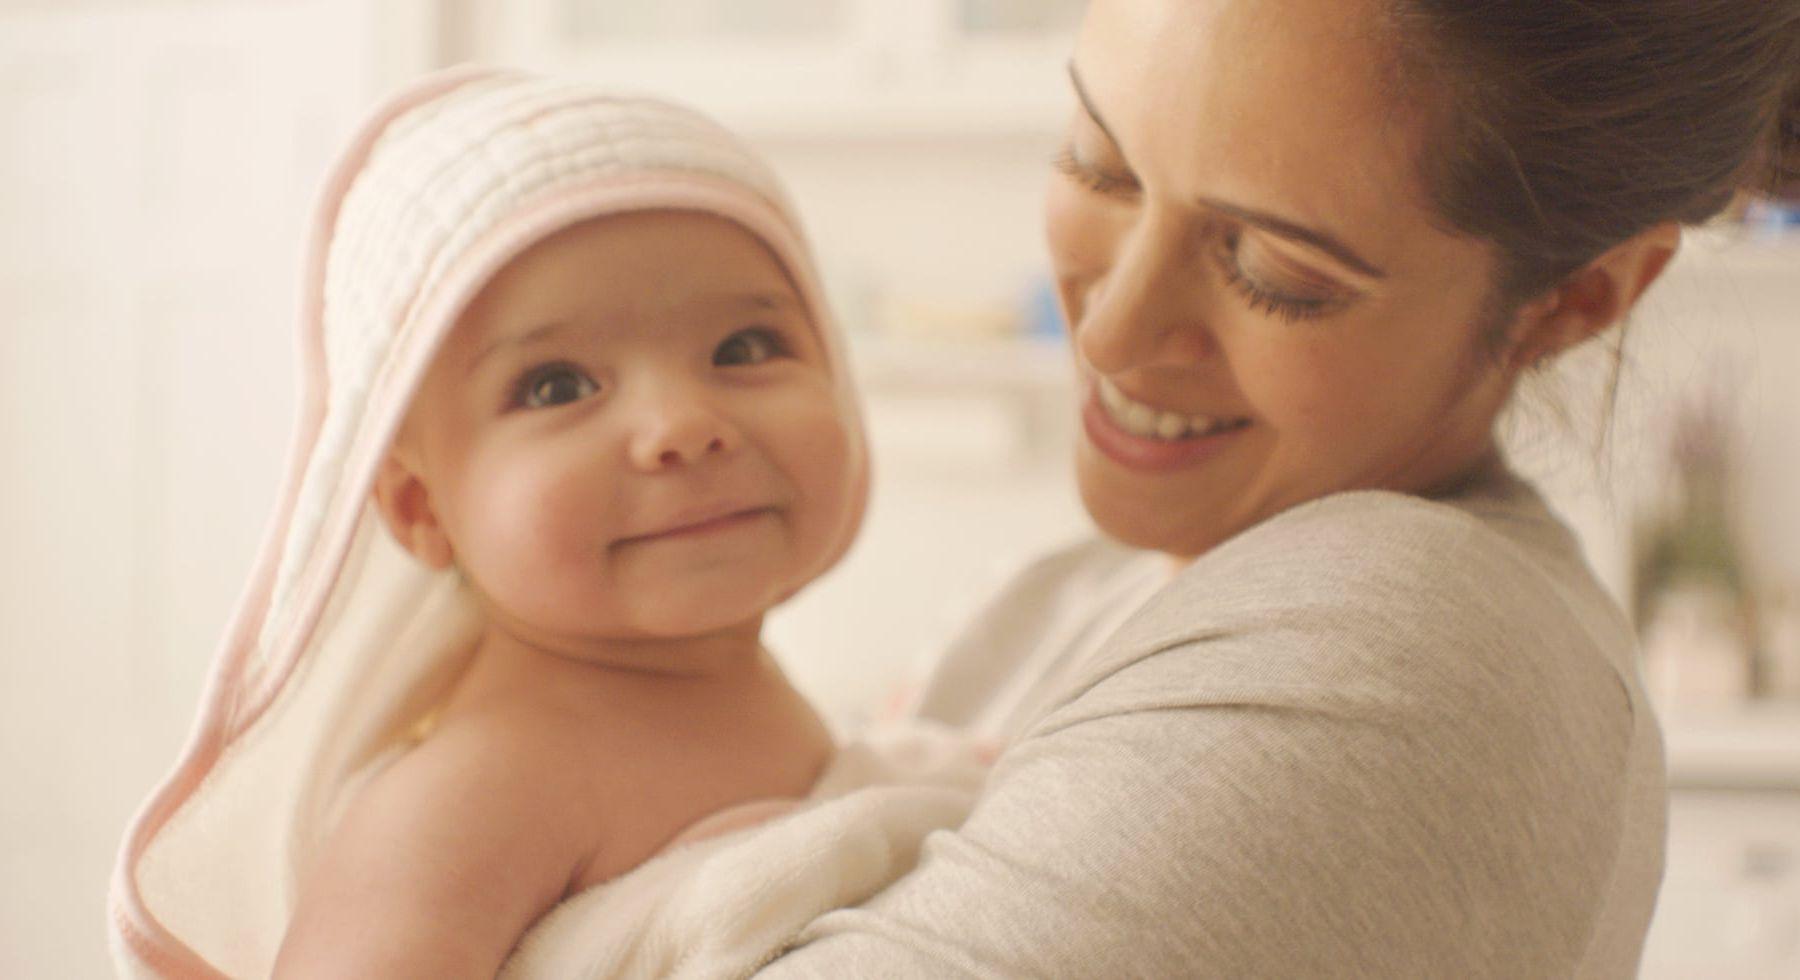 5 Cách chăm sóc trẻ sơ sinh đúng cách và an toàn vào mùa hè